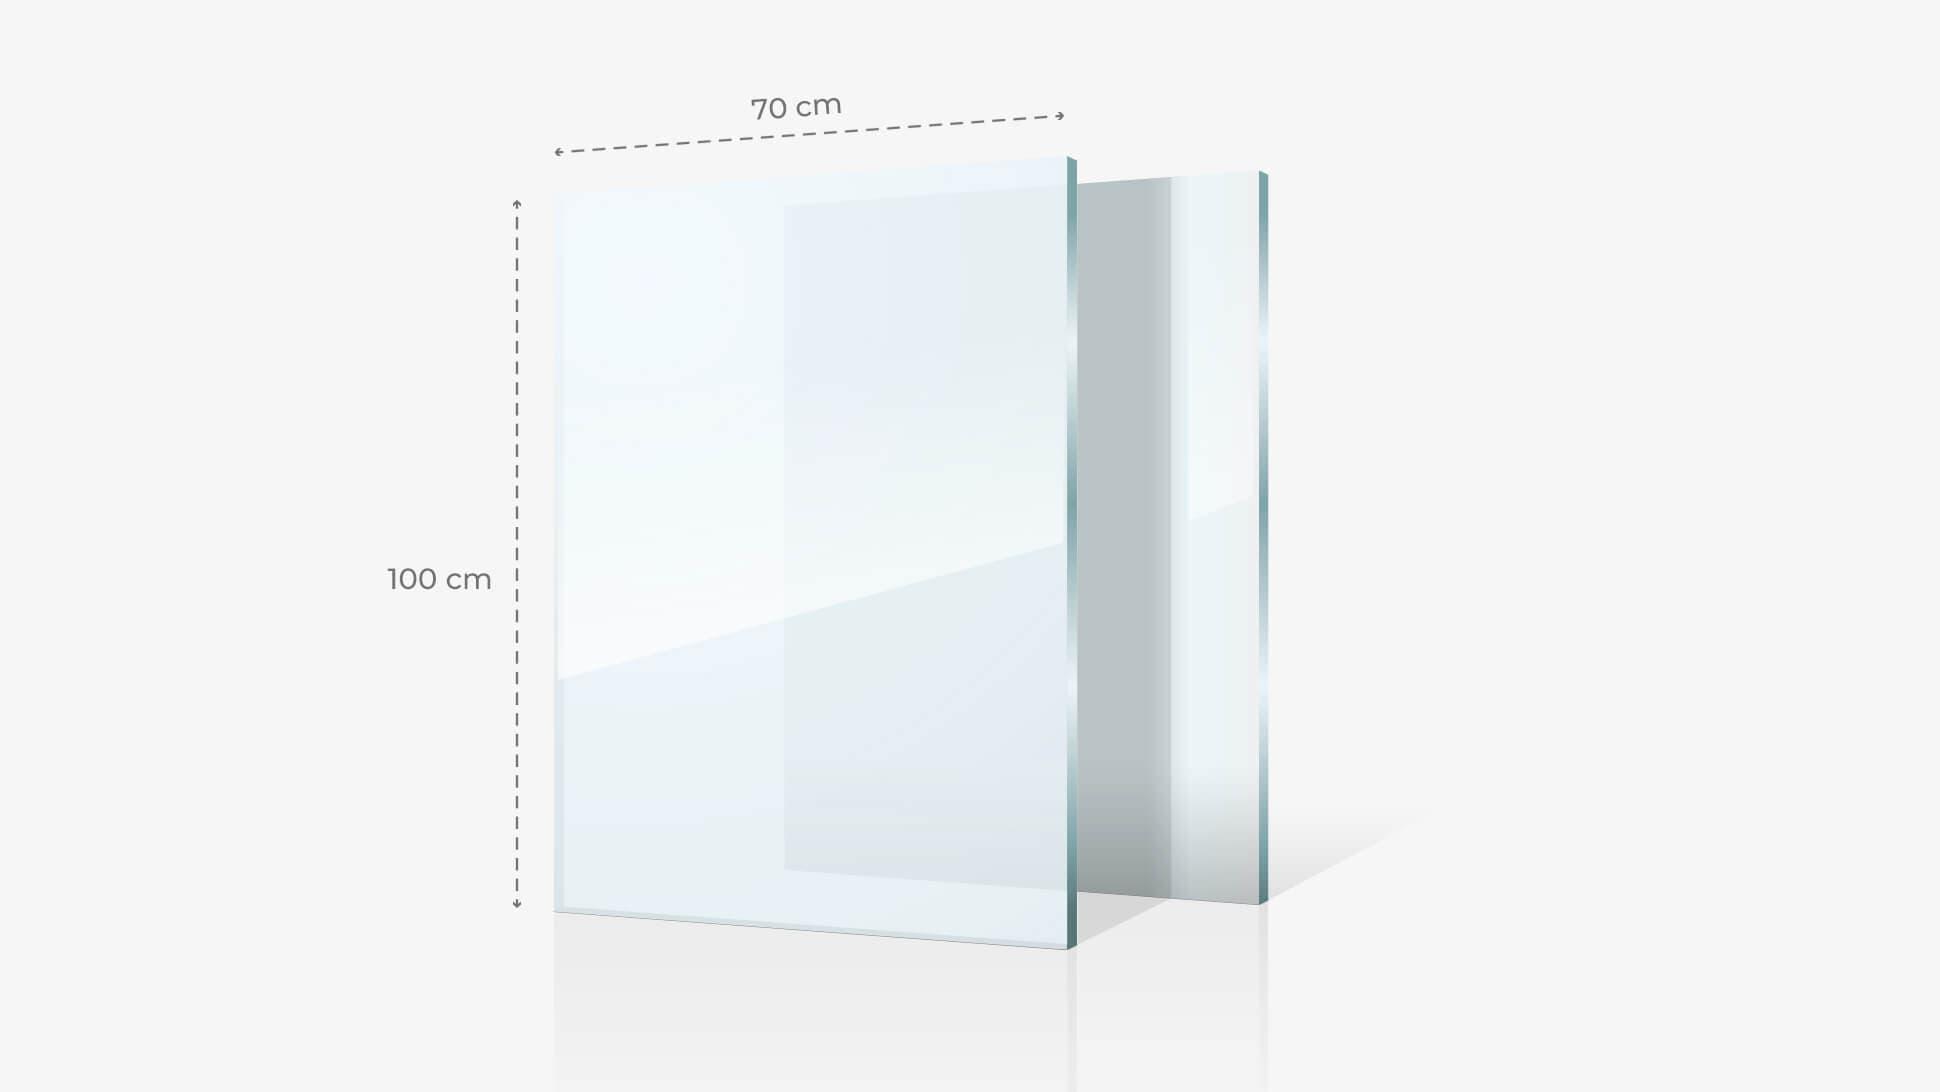 Foto su vetro acrilico 70x100 cm | tictac.it